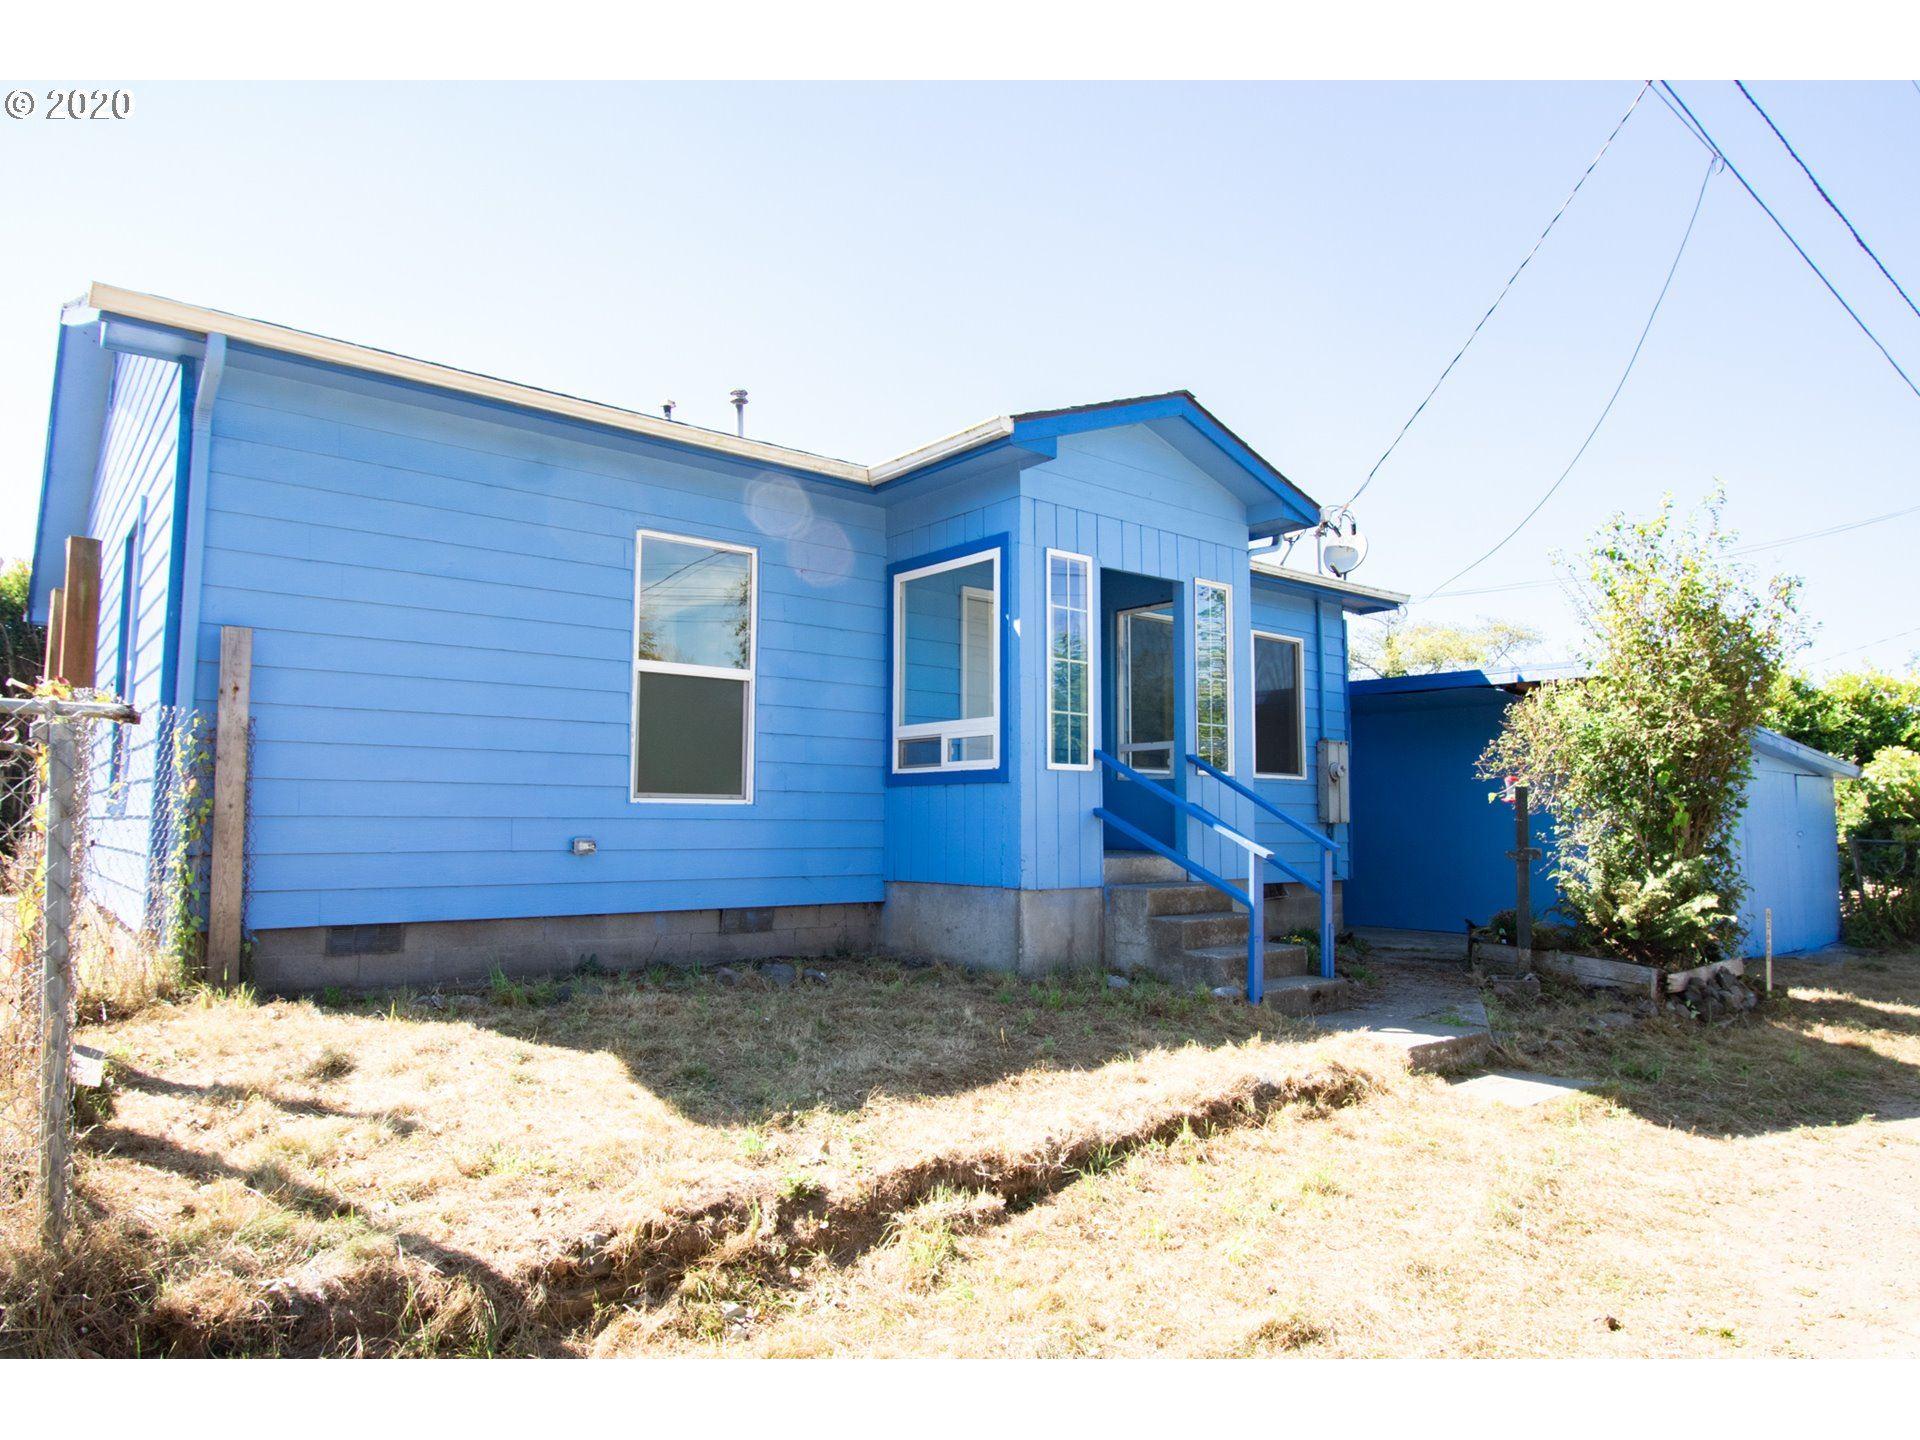 63600 N SPRING RD, Coos Bay, OR 97420 - MLS#: 20208861